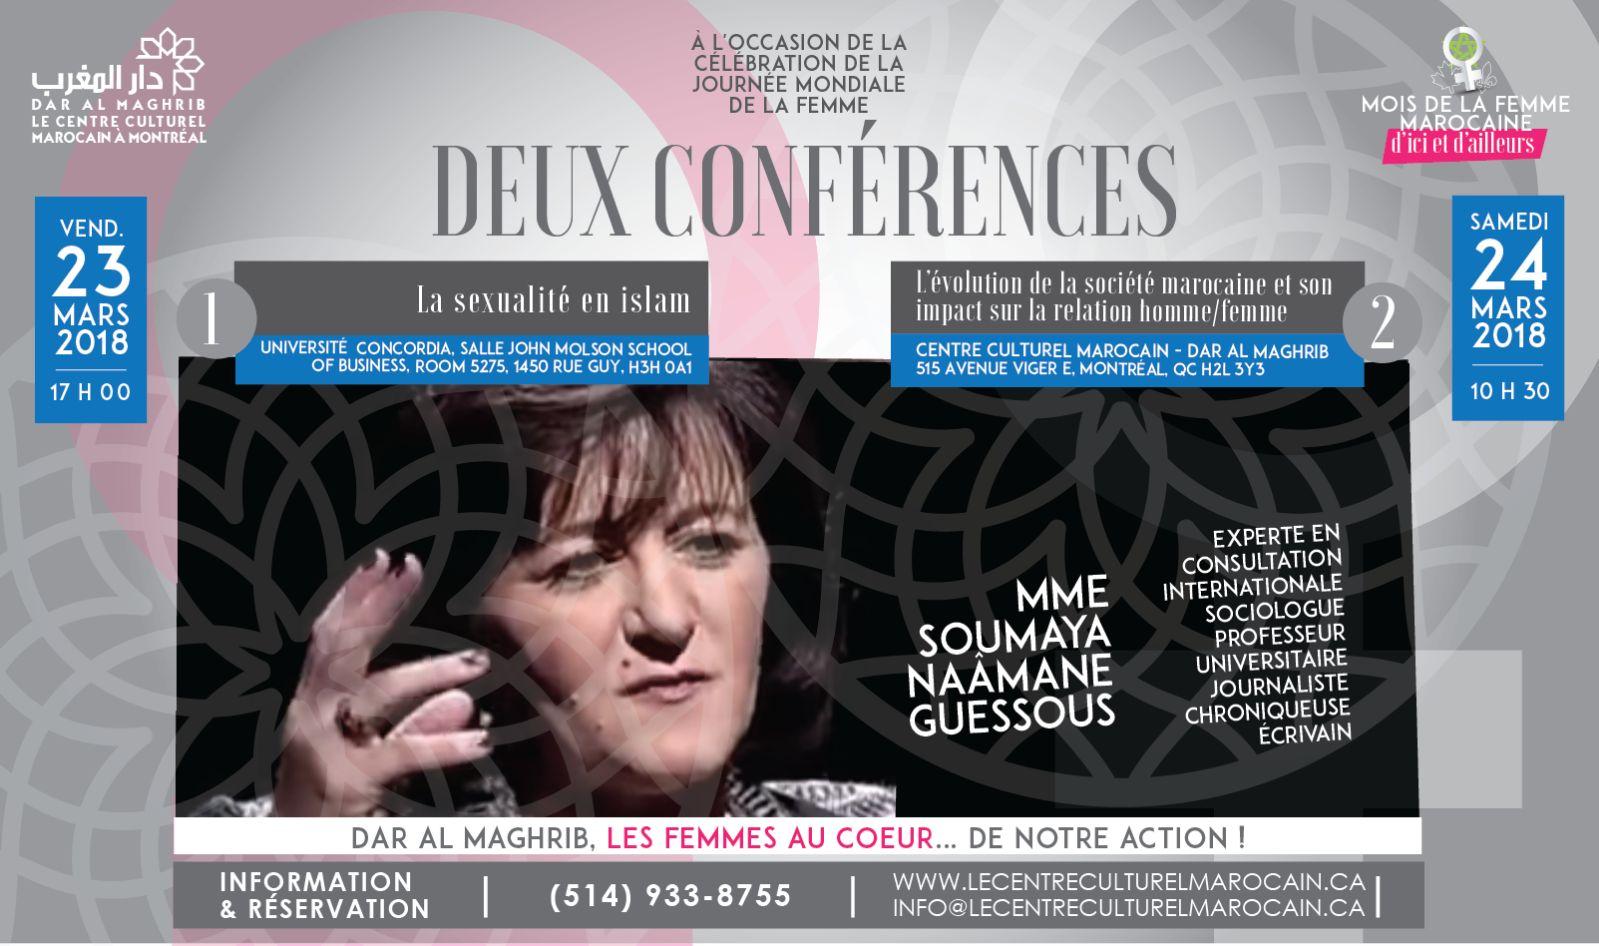 Conférence – Débat par la sociologue Soumaya Naamane Guessous